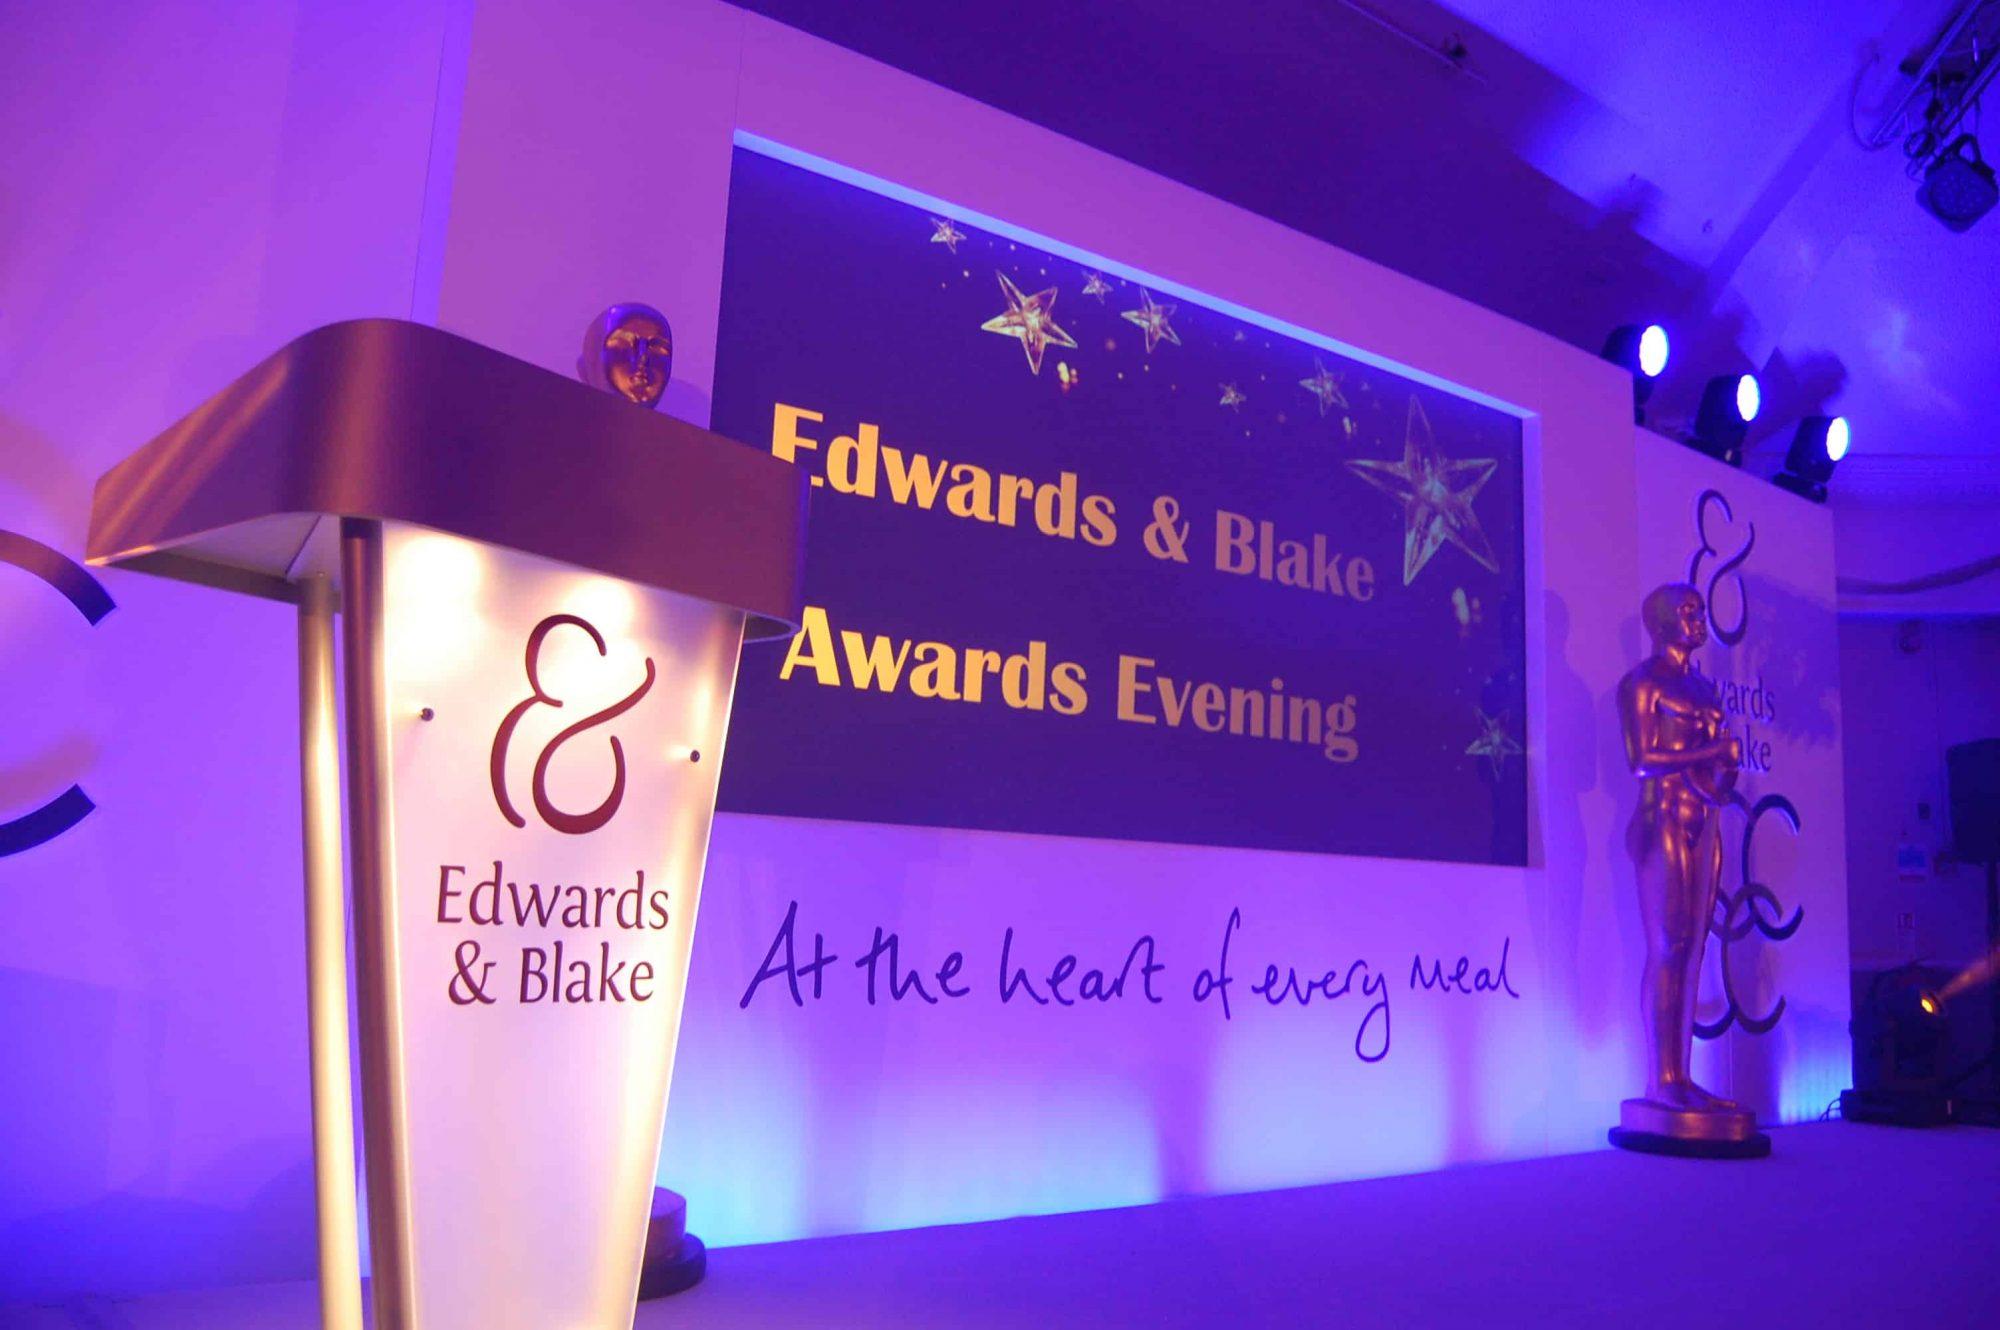 edwards & blake awards